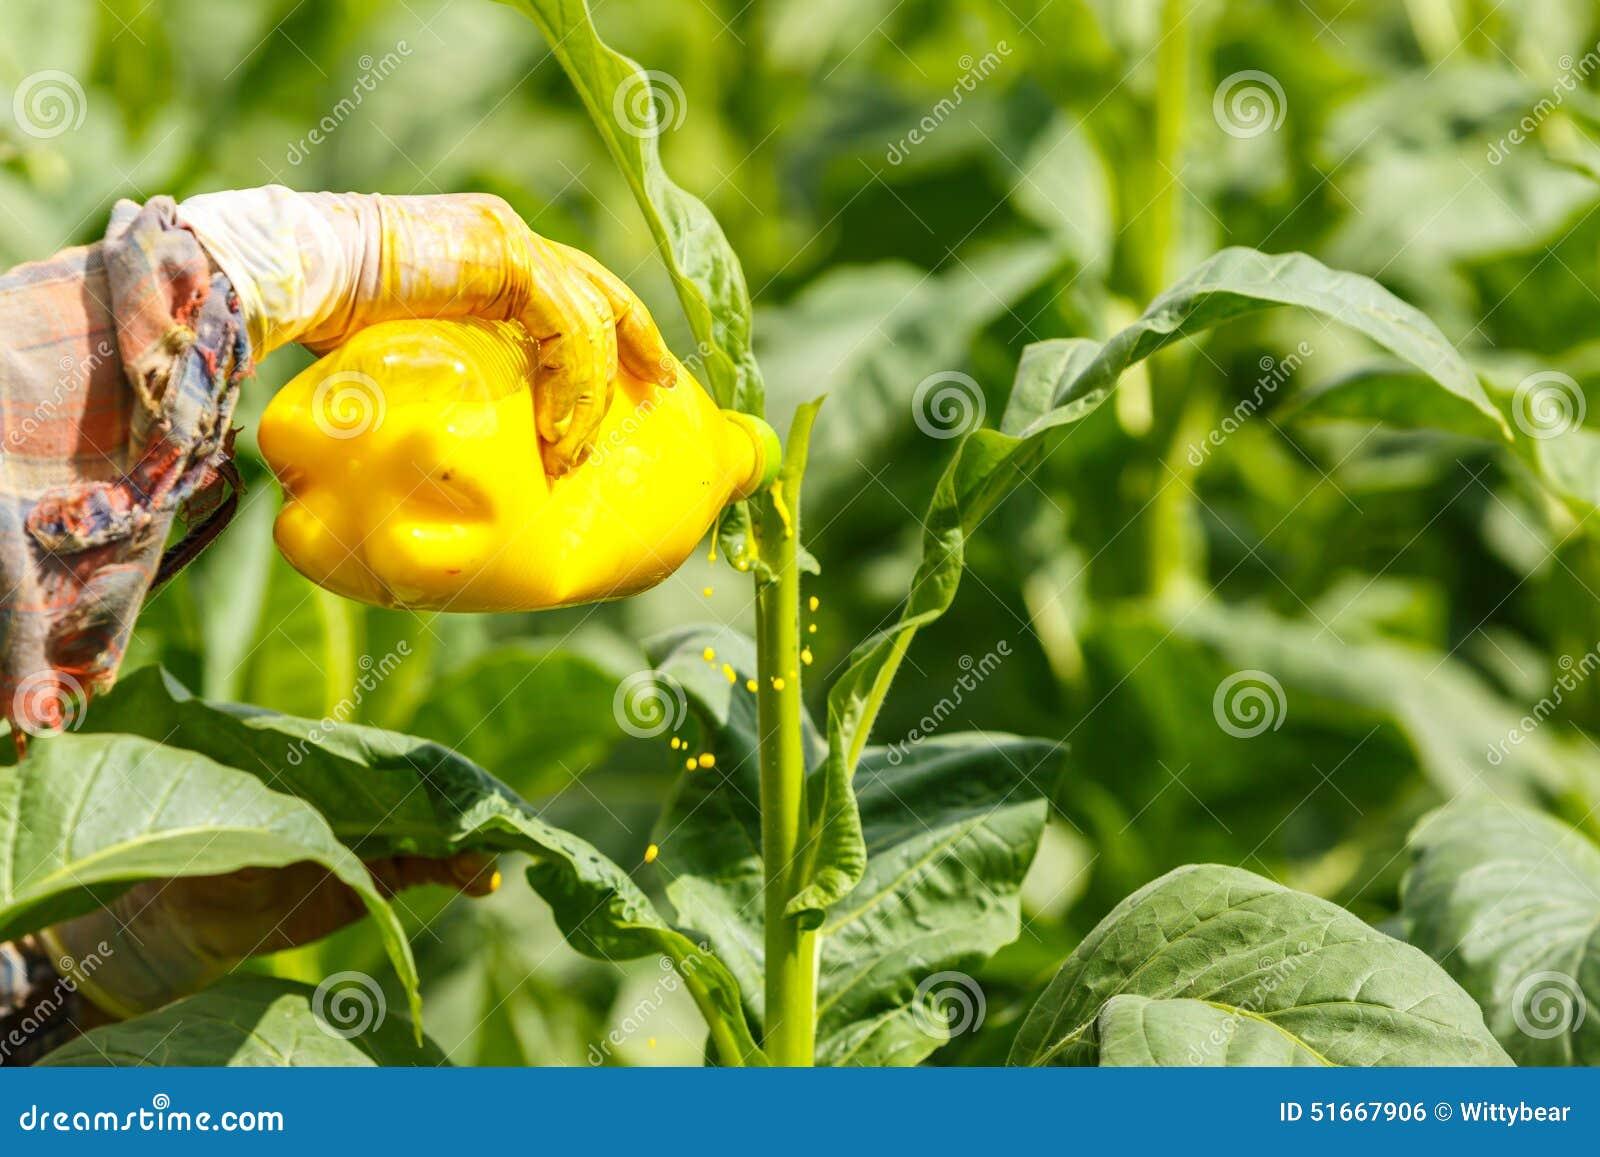 Инсектицид фото